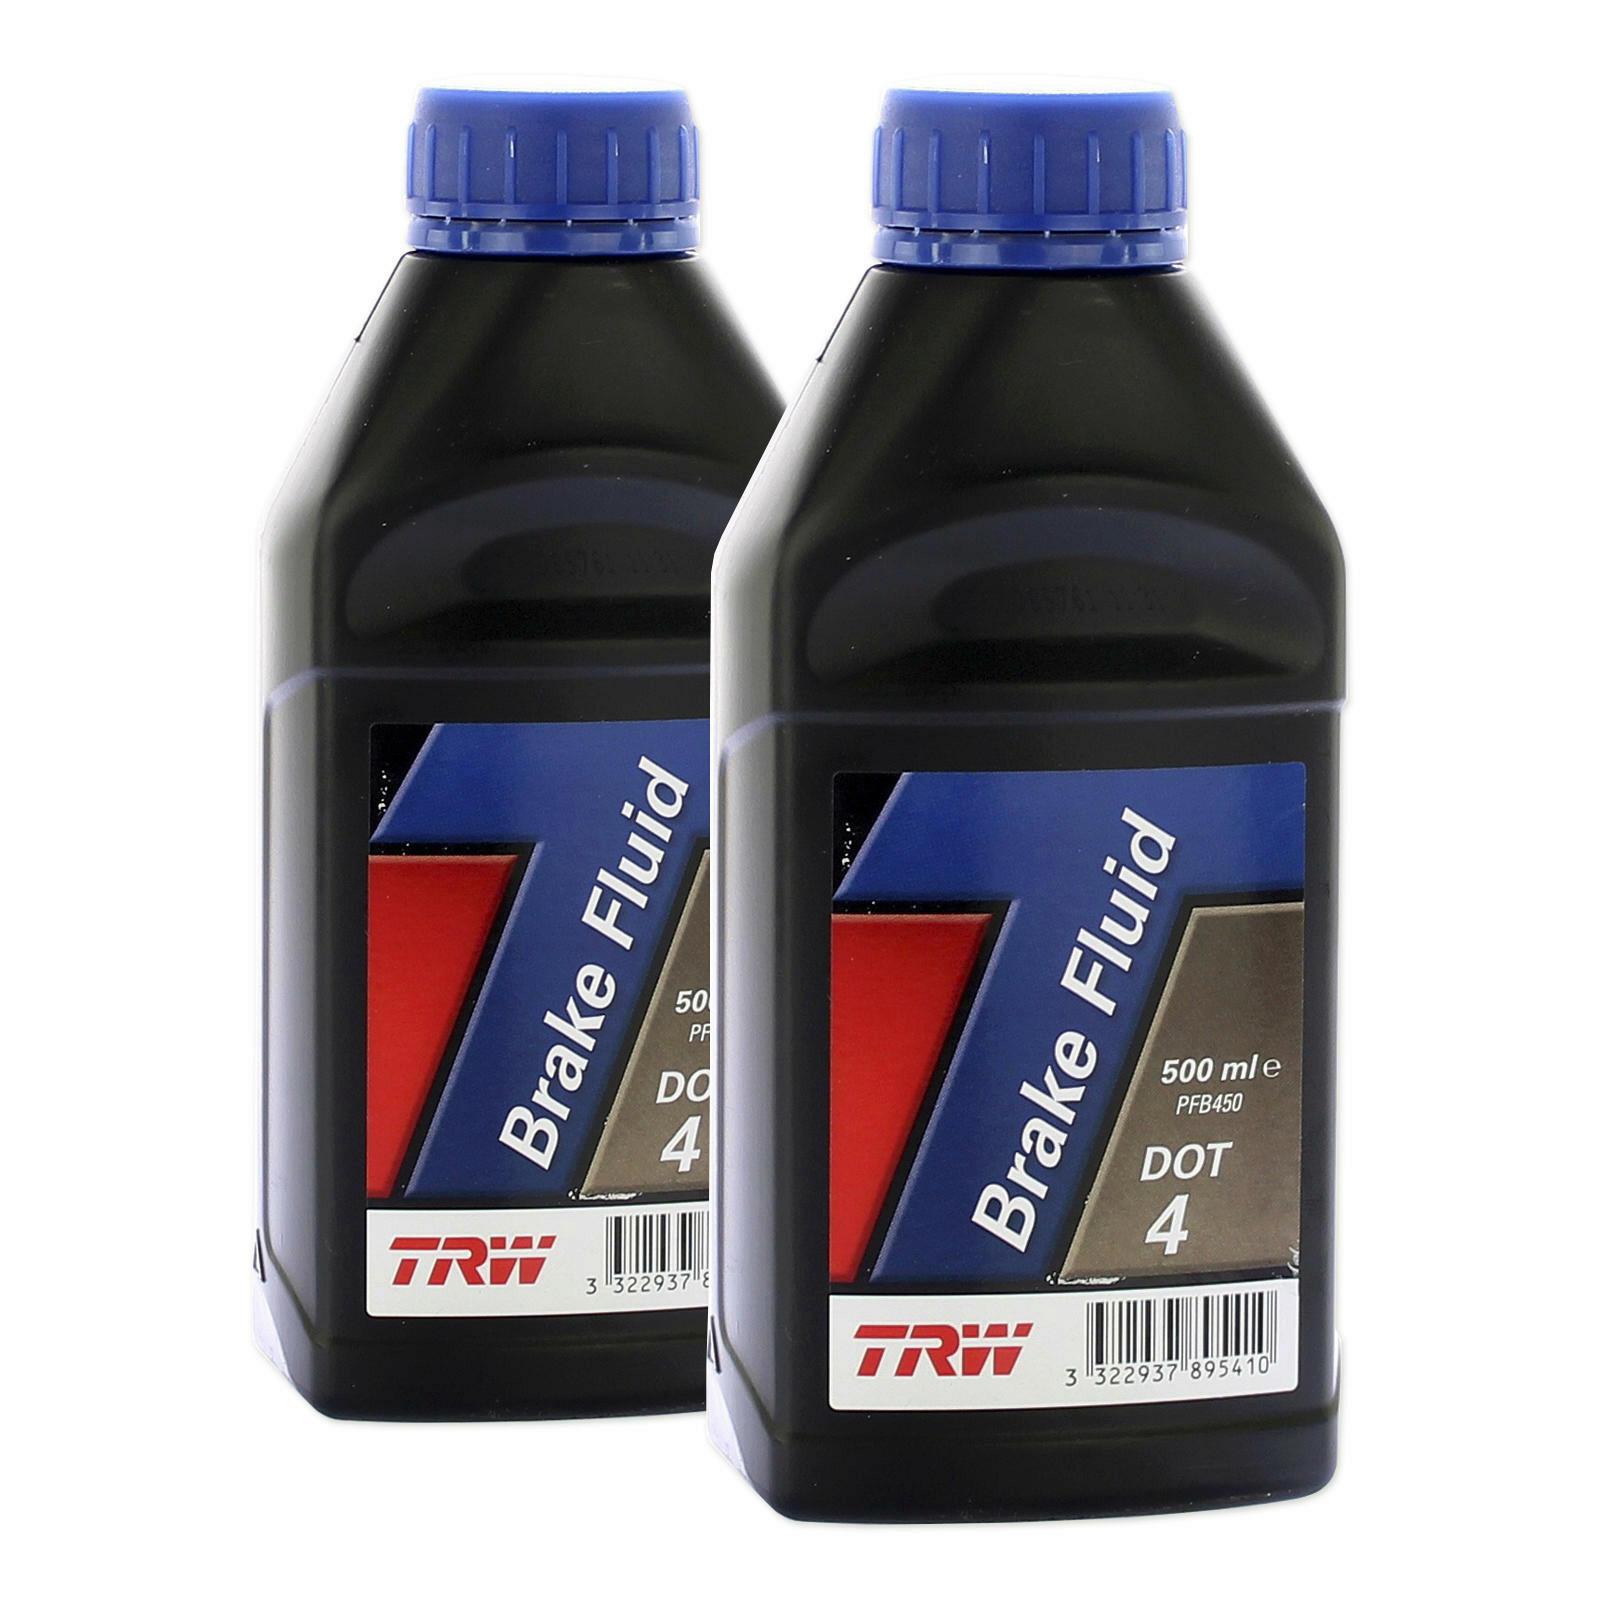 2x TRW Bremsflüssigkeit DOT 4 500ml